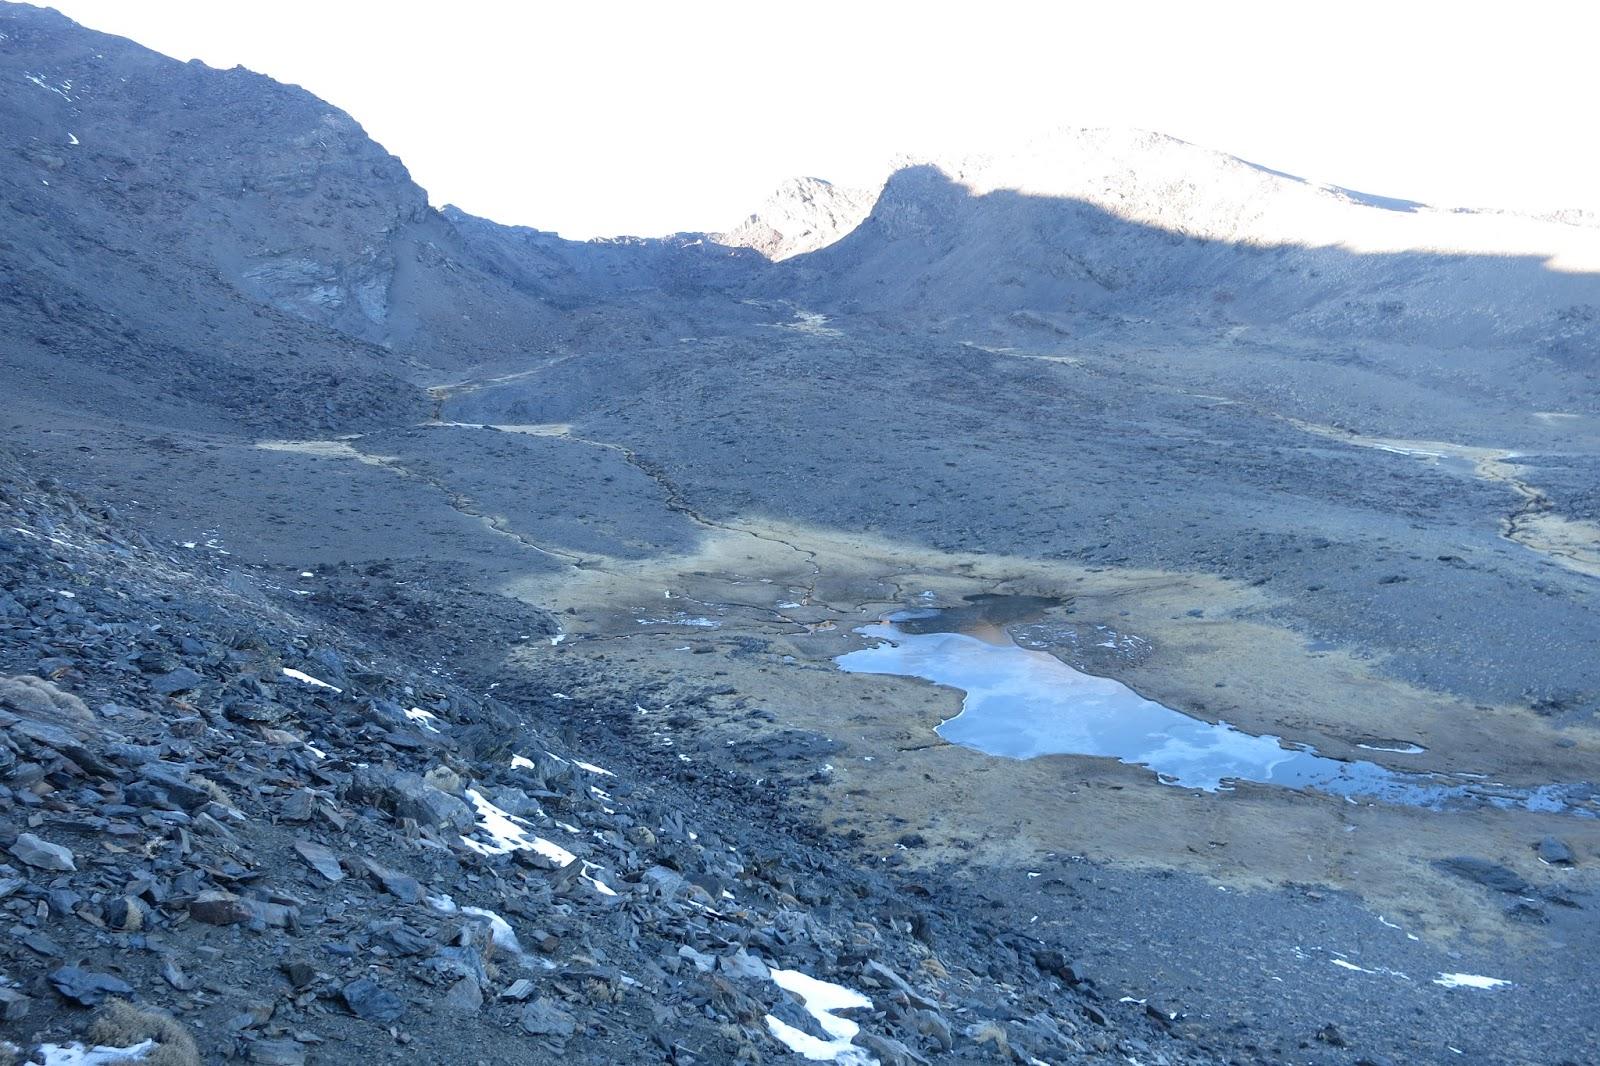 Adventure Partners Blogi - tarinoita kaltevilta pinnoilta: Sierra Nevadan kansallispuisto - yksi ...